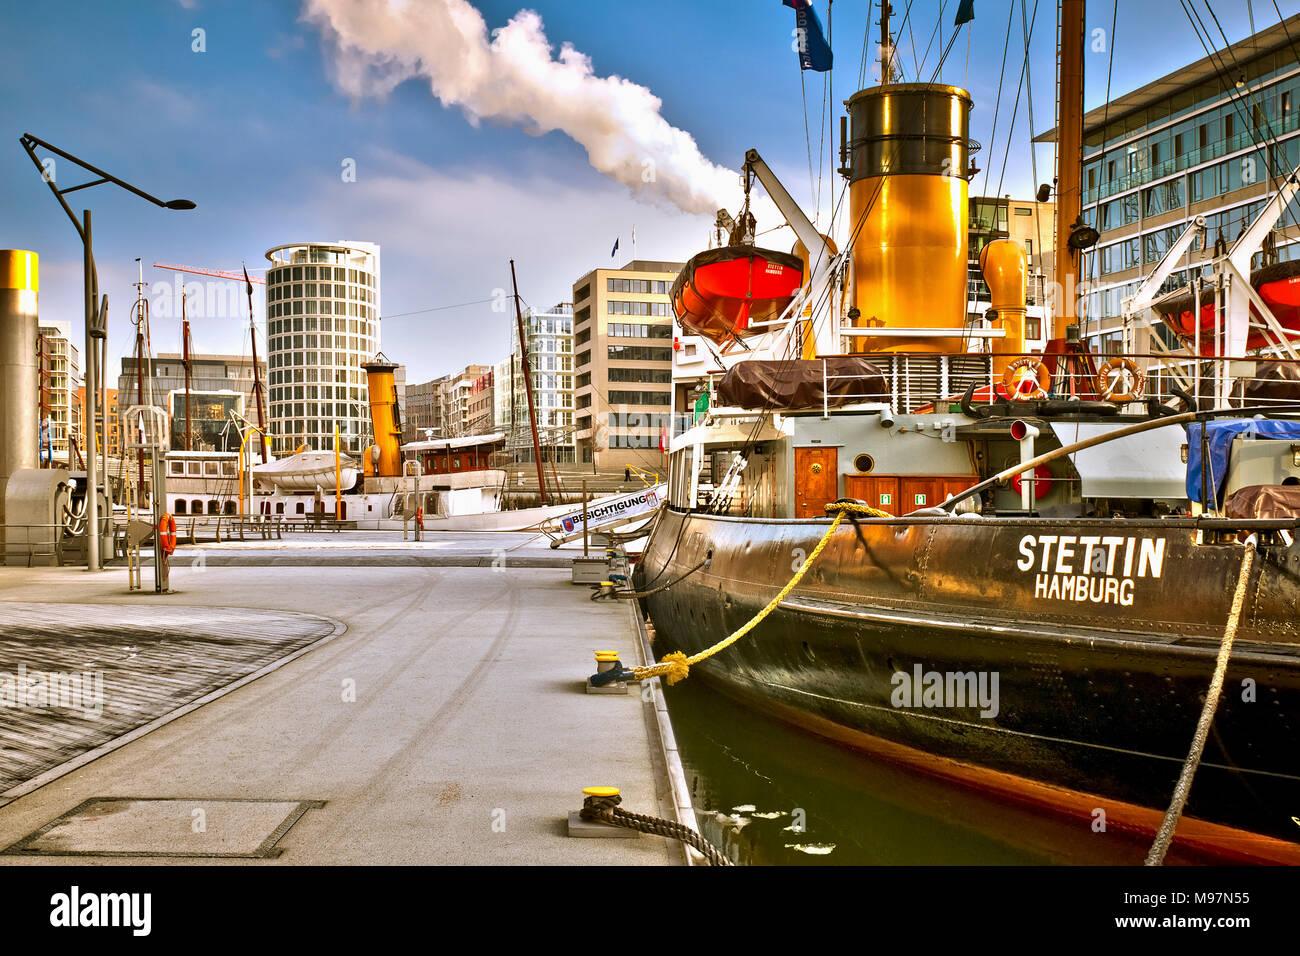 Deutschland, Hamburg, Hafencity, Sandtorkai, Sandtorhafen, Dalmannkai, Magellan-Terrassen, Architekur, Historisches Schiff, Stettin - Stock Image